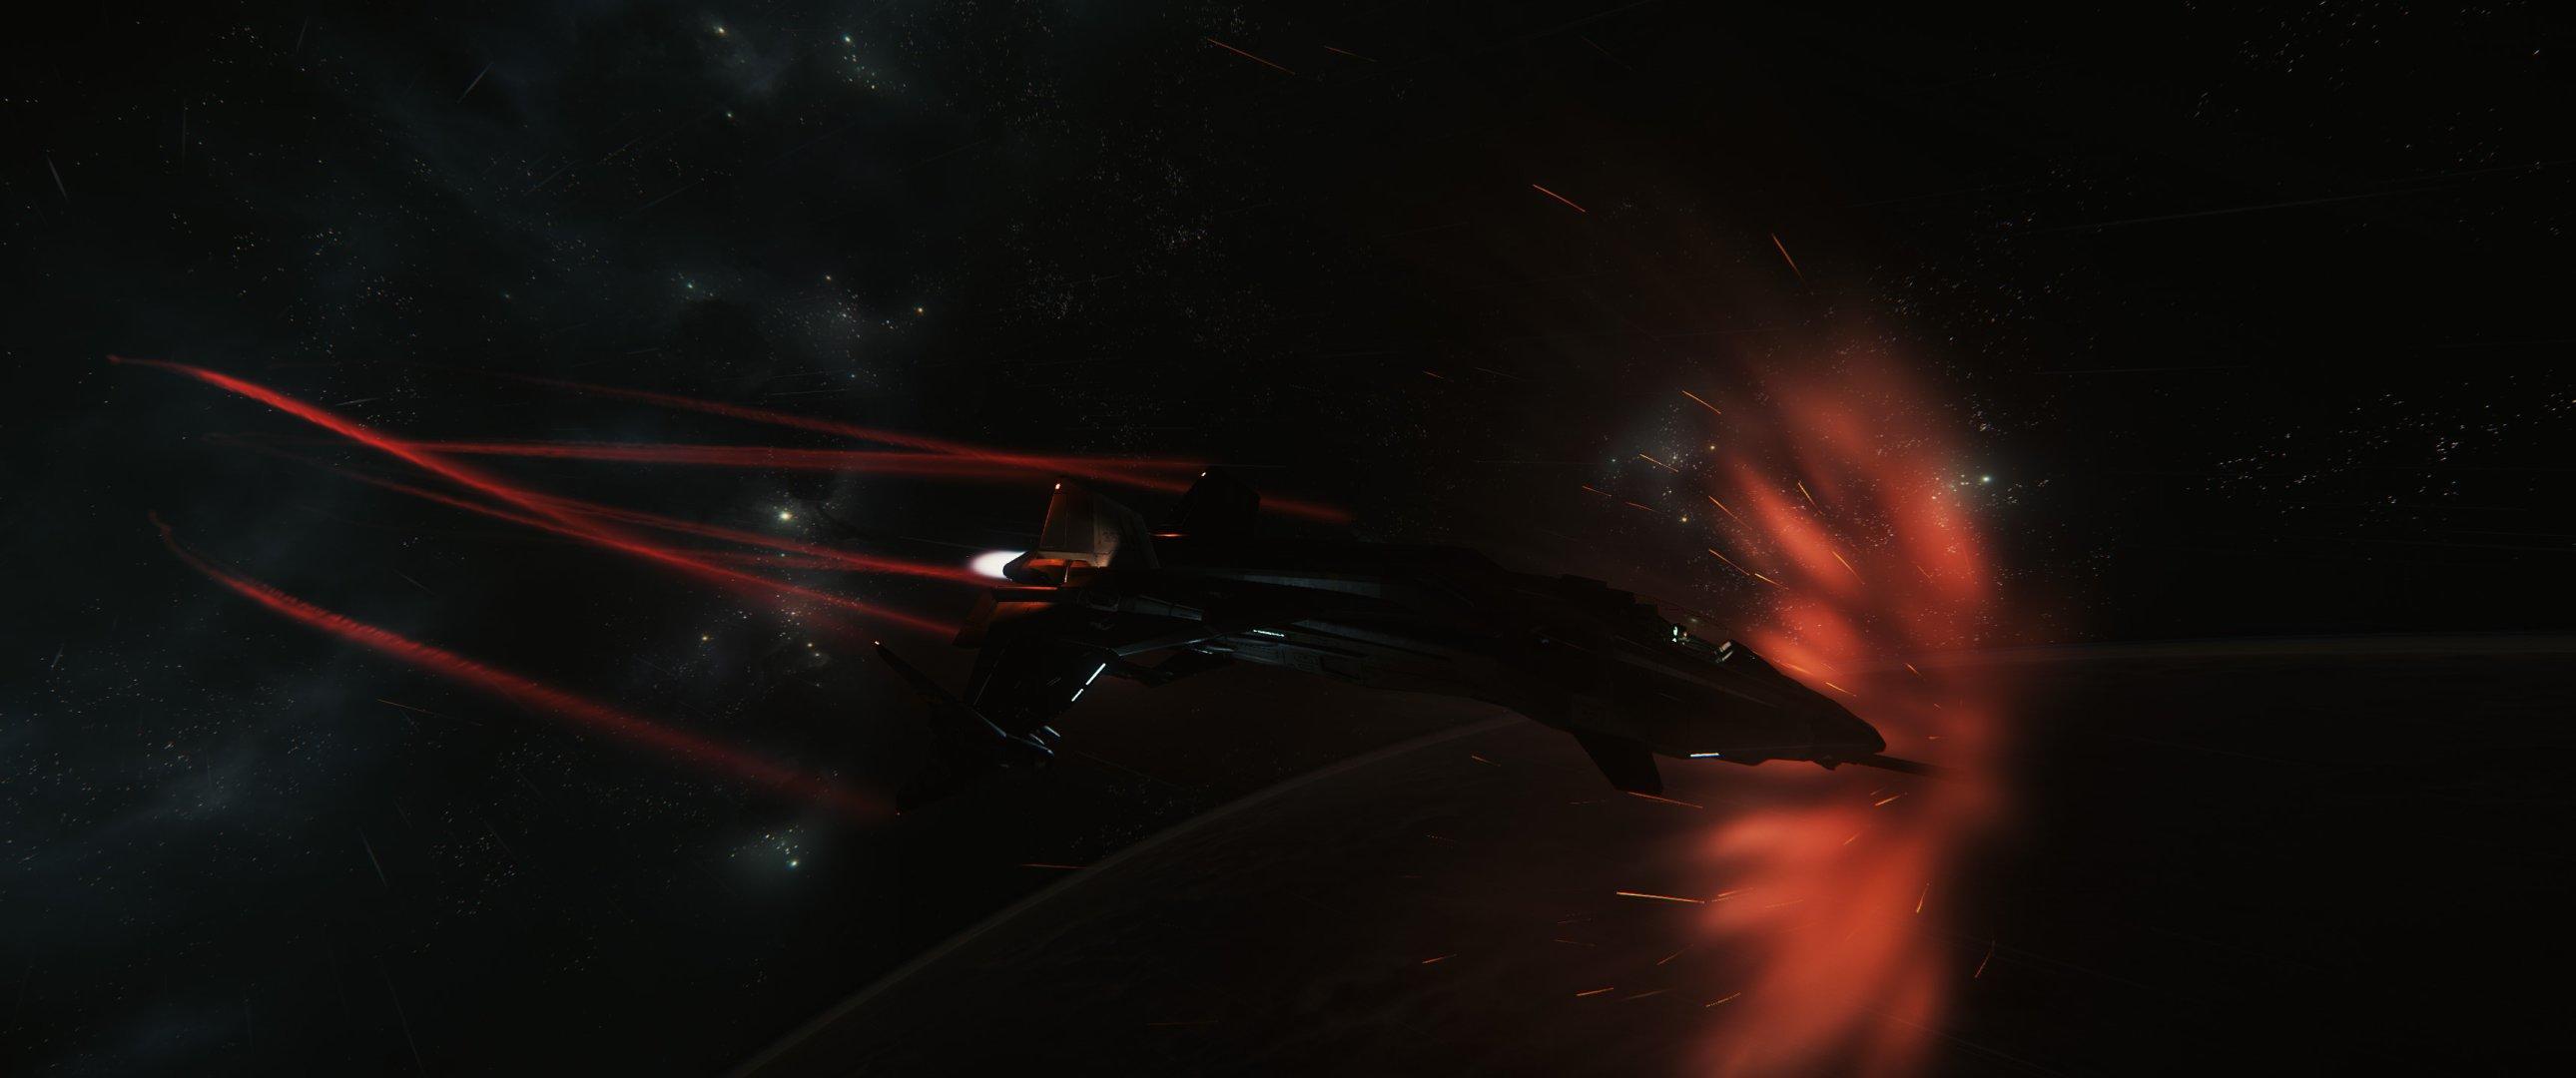 Gladius podczas wchodzenia w atmosferę